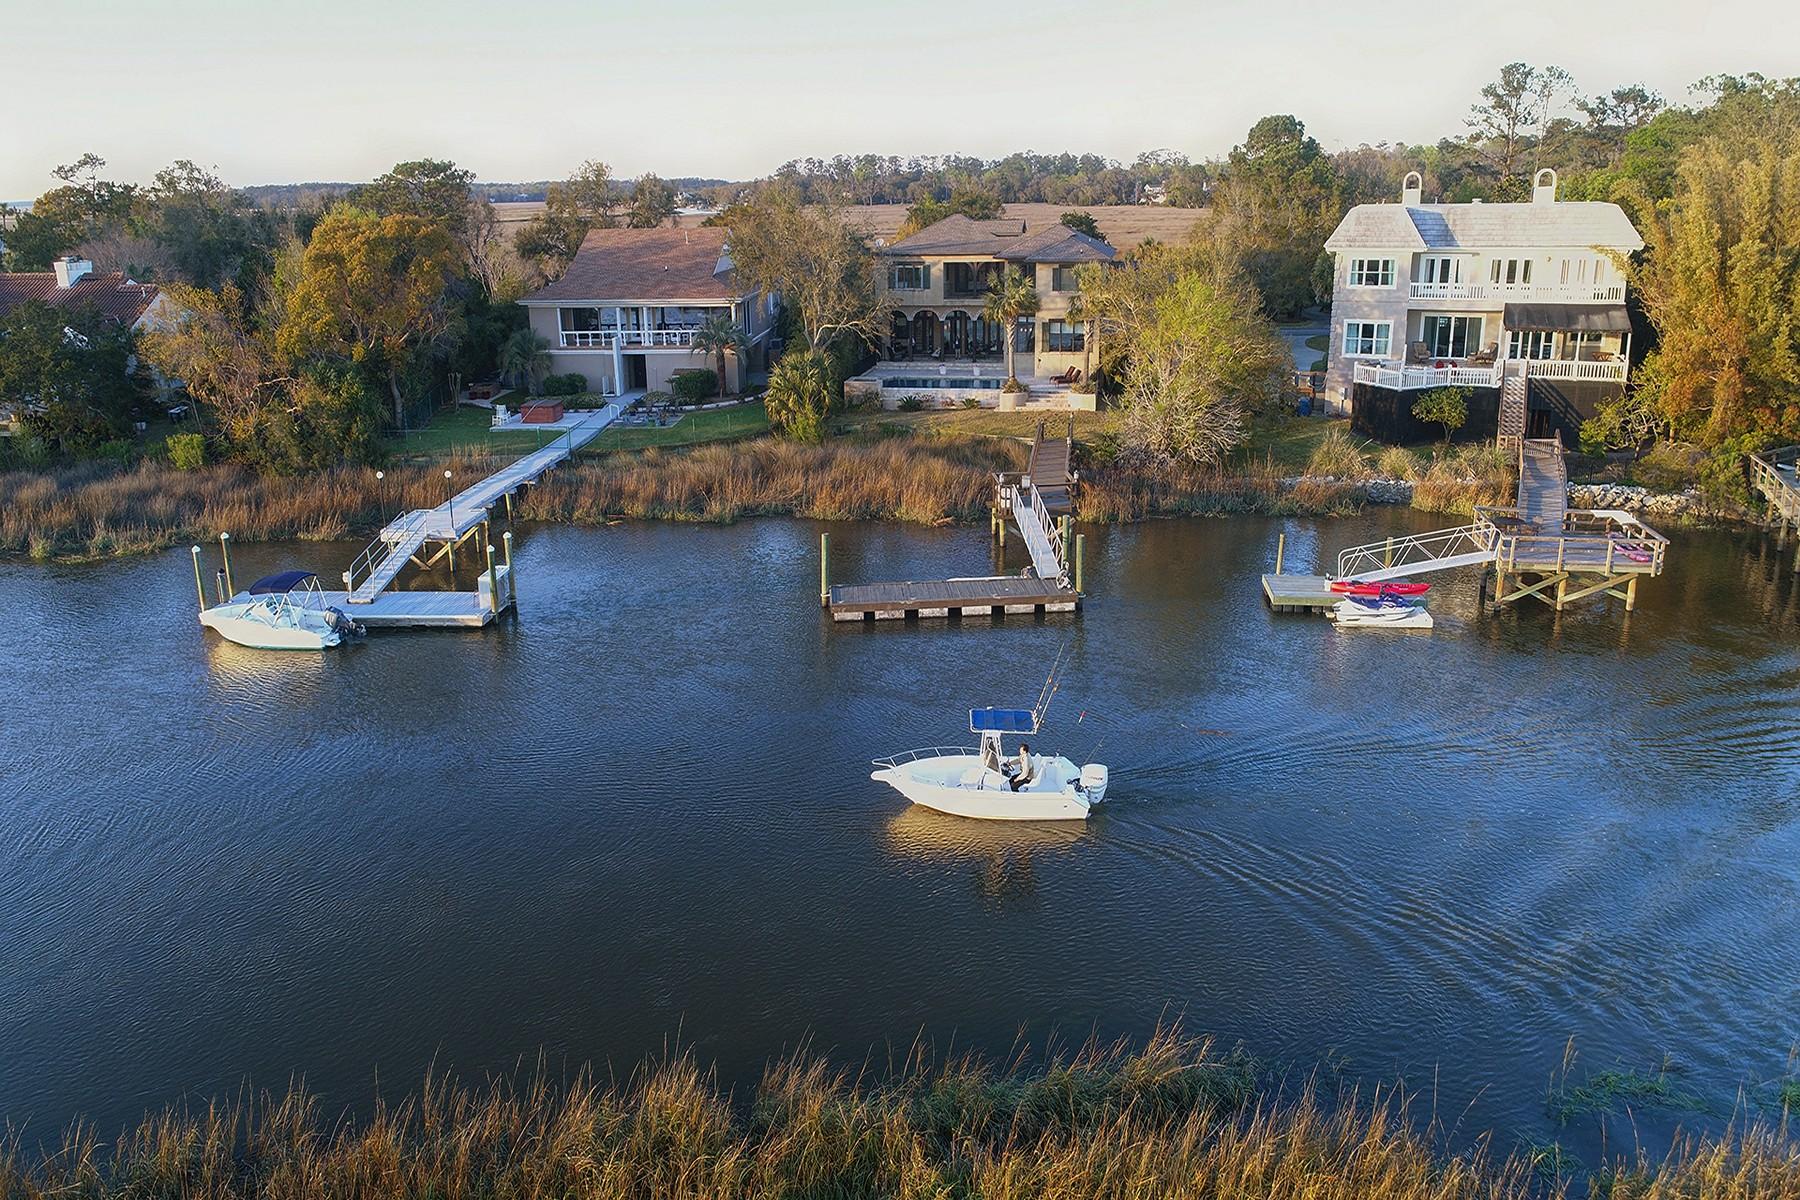 独户住宅 为 销售 在 6 Dunbar Creek 6 Dunbar Creek Point, 圣西蒙岛, 乔治亚州, 31522 美国